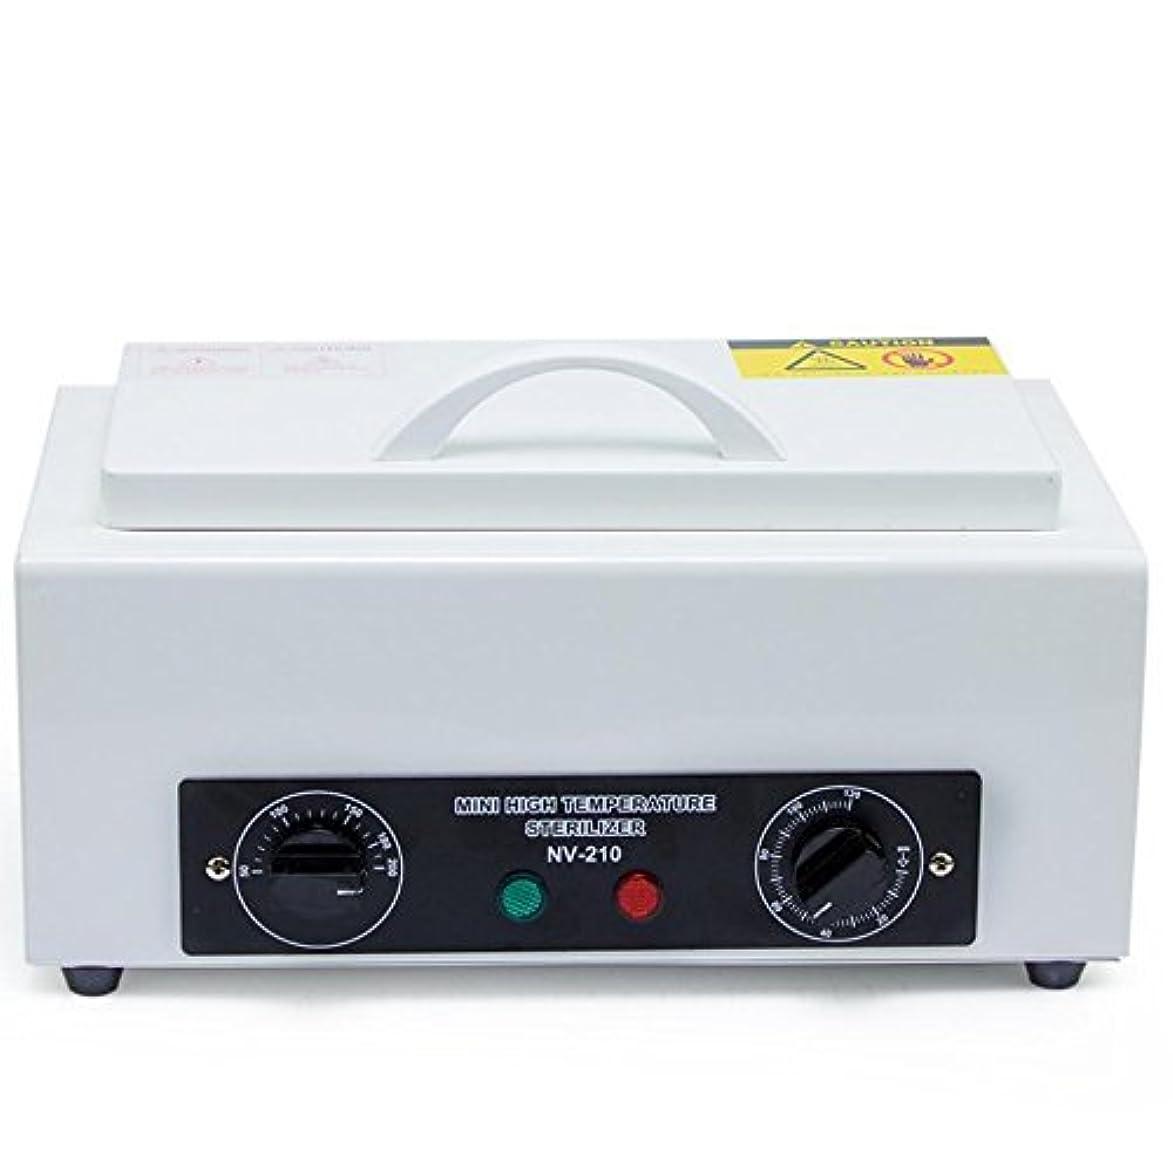 バーガースカーフヤングネイル殺菌装置UV消毒キャビネット高温ドライヤーヒートネイルマニキュアサロンツール治療消毒機